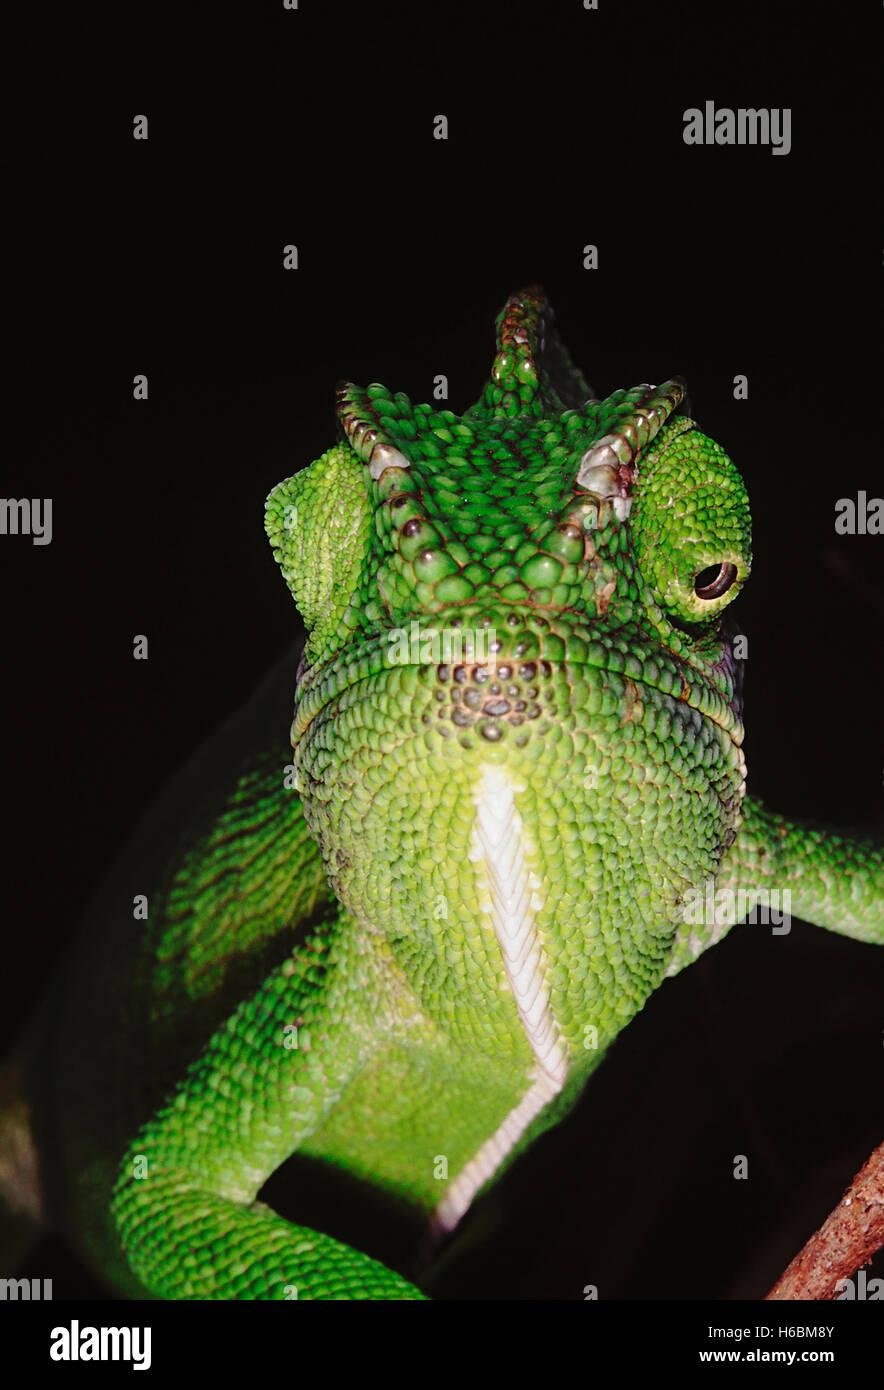 Il camaleonte ha la capacità di cambiare il suo colore così come ombra a seconda del suo umore e dintorni. Immagini Stock